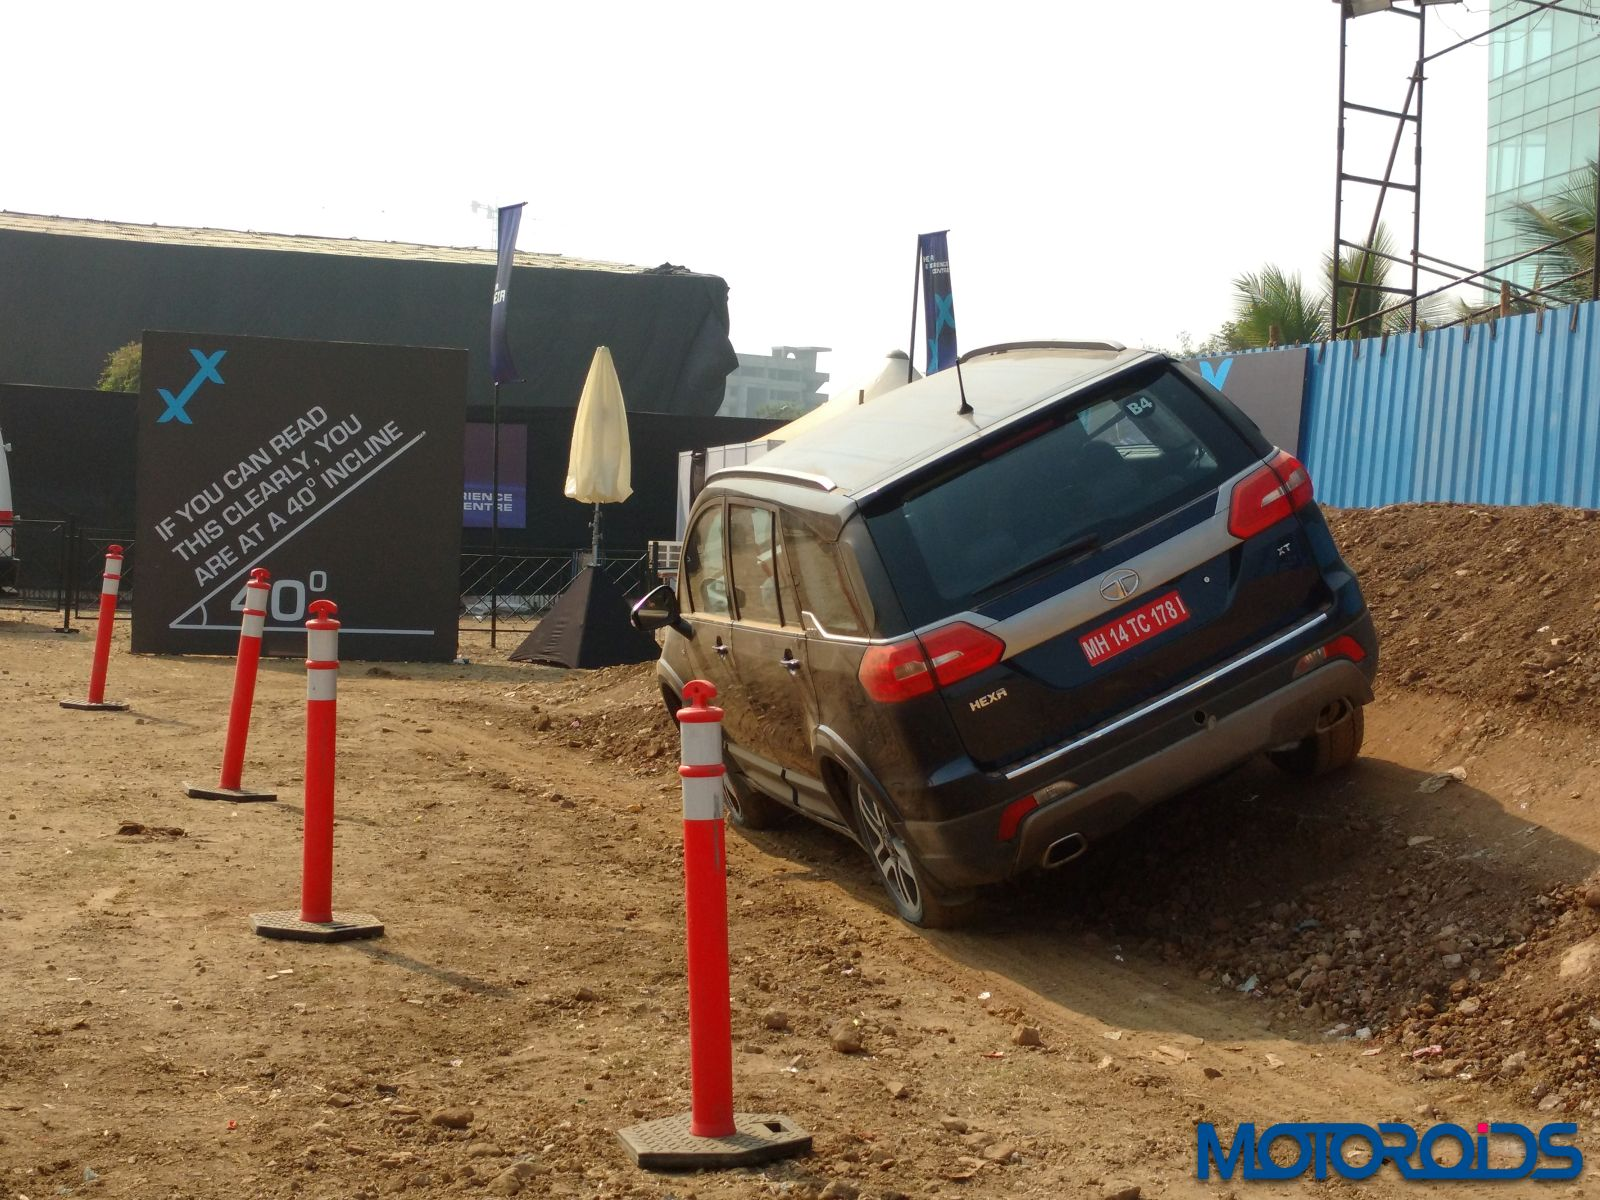 Tata-Hexa-off-road-experience-19